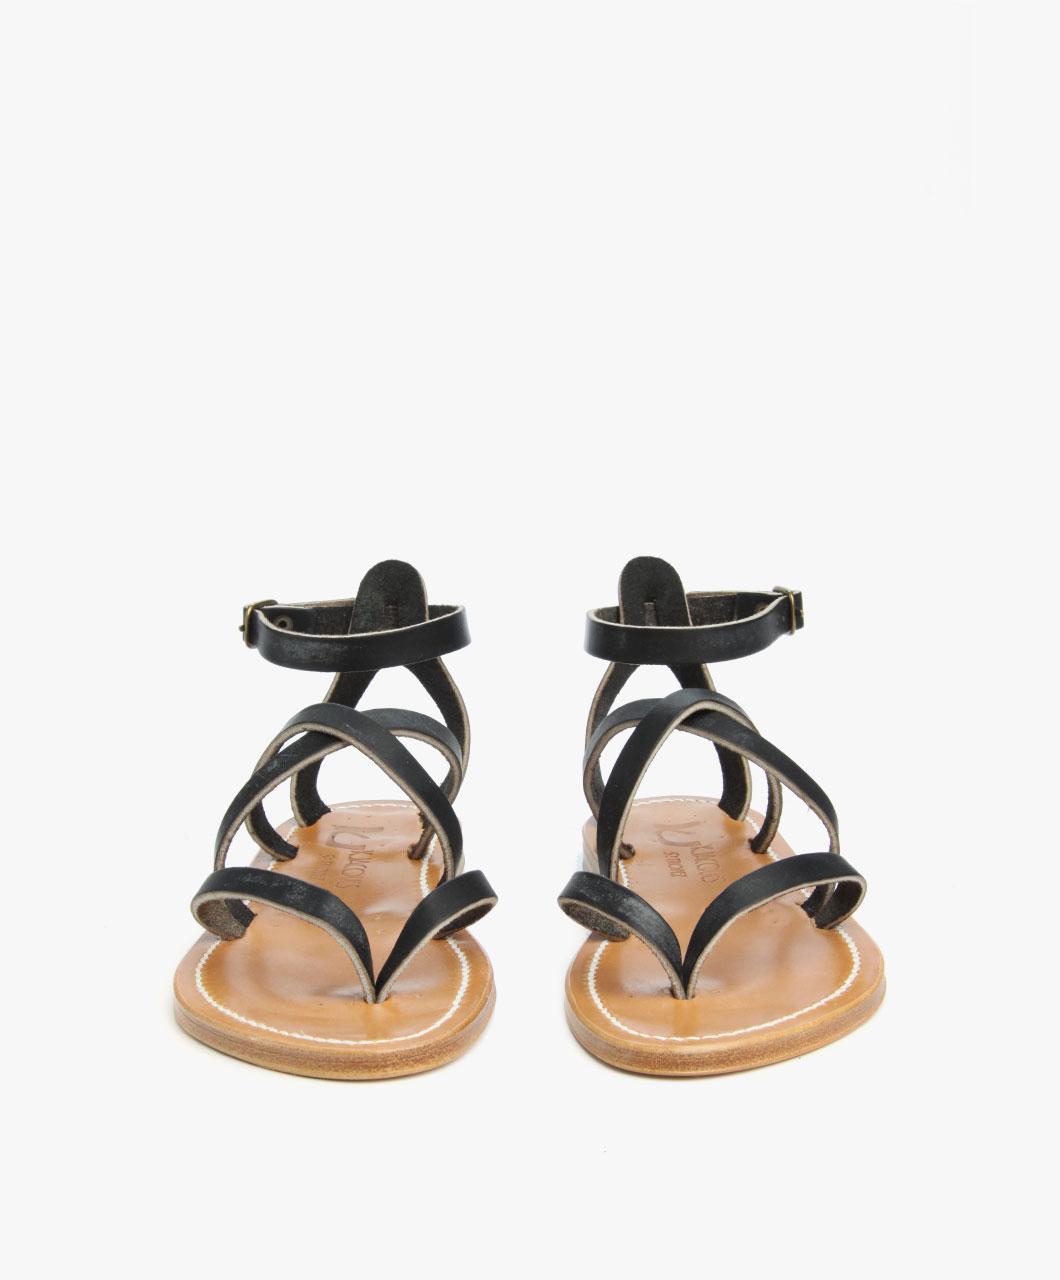 d7b2ae9976a5 K. Jacques St. Tropez Epicure Leather Sandals - Black - K. Jacques ...